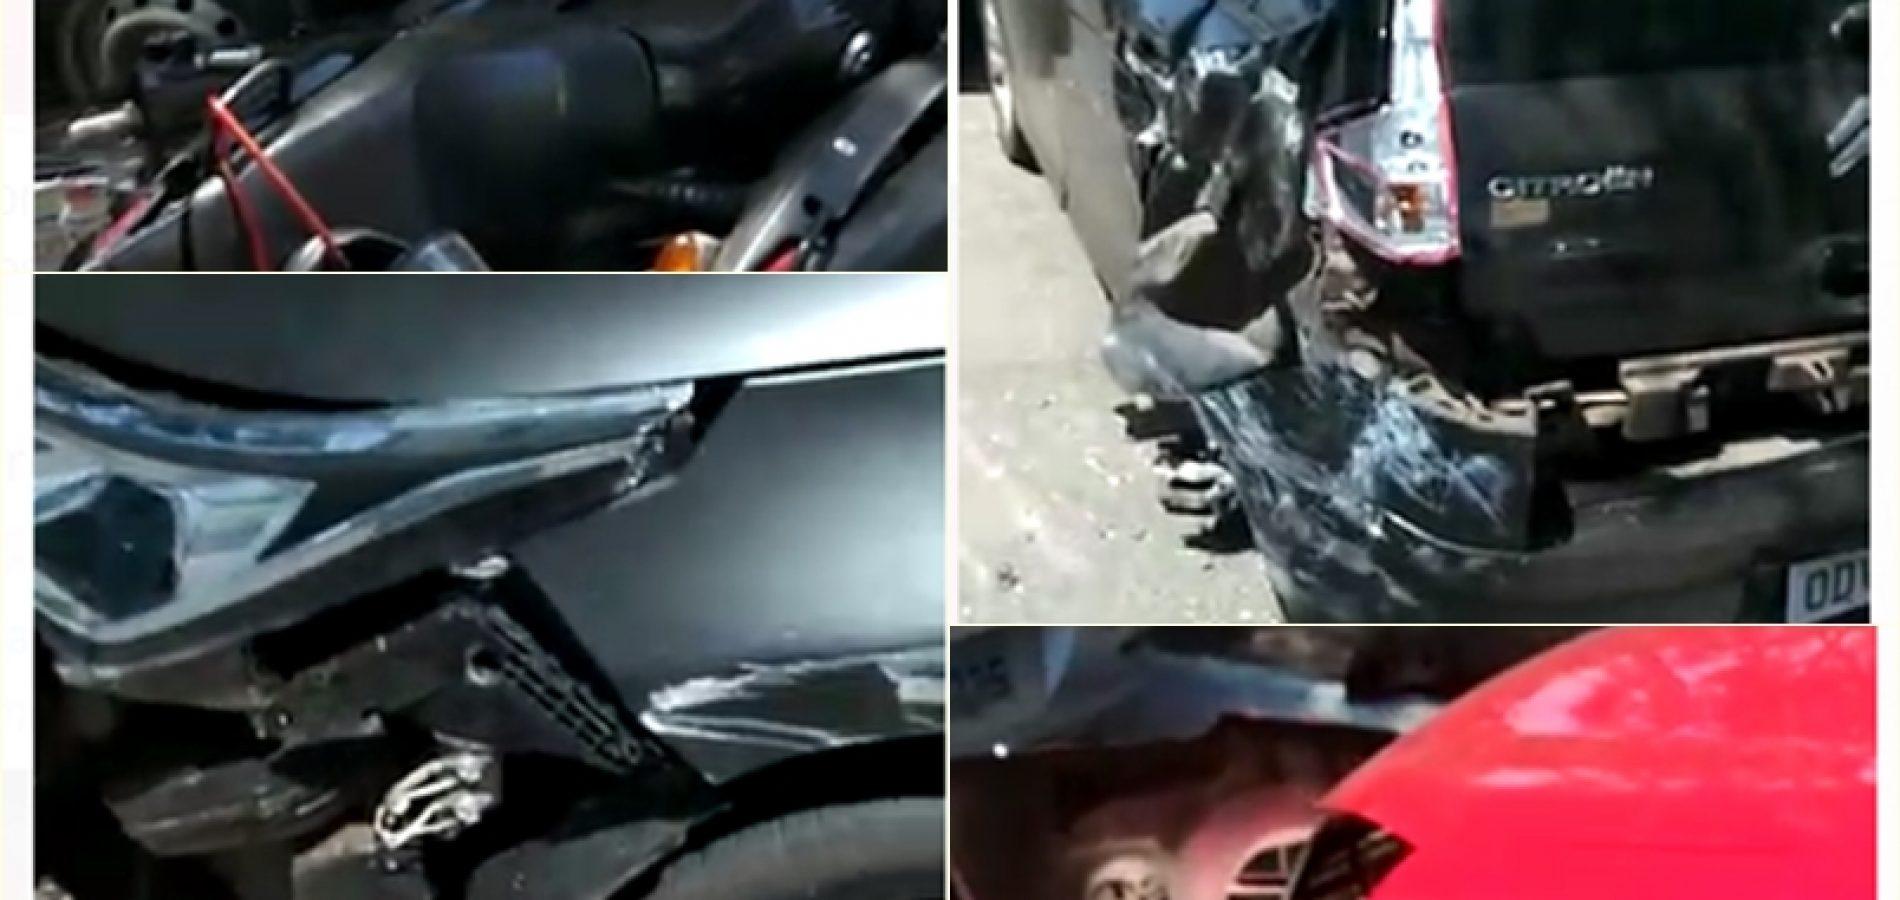 Vídeo: caminhão de laticínios desgovernado bate em vários veículos no Piauí